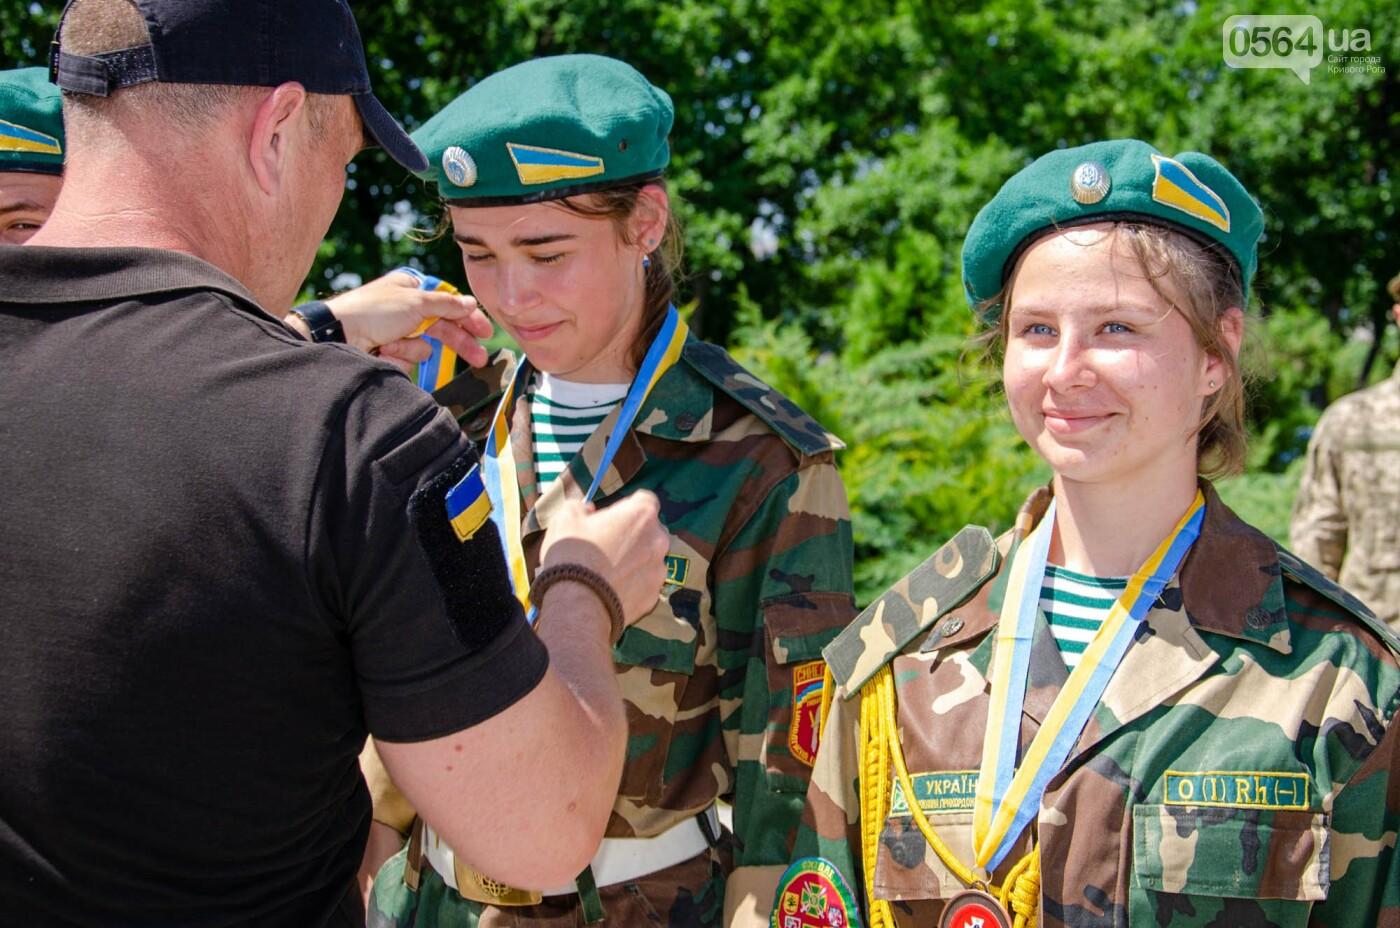 Криворожские школьники приняли участие в областном этапе военно-патриотической игры «Джура», - ФОТО, фото-8